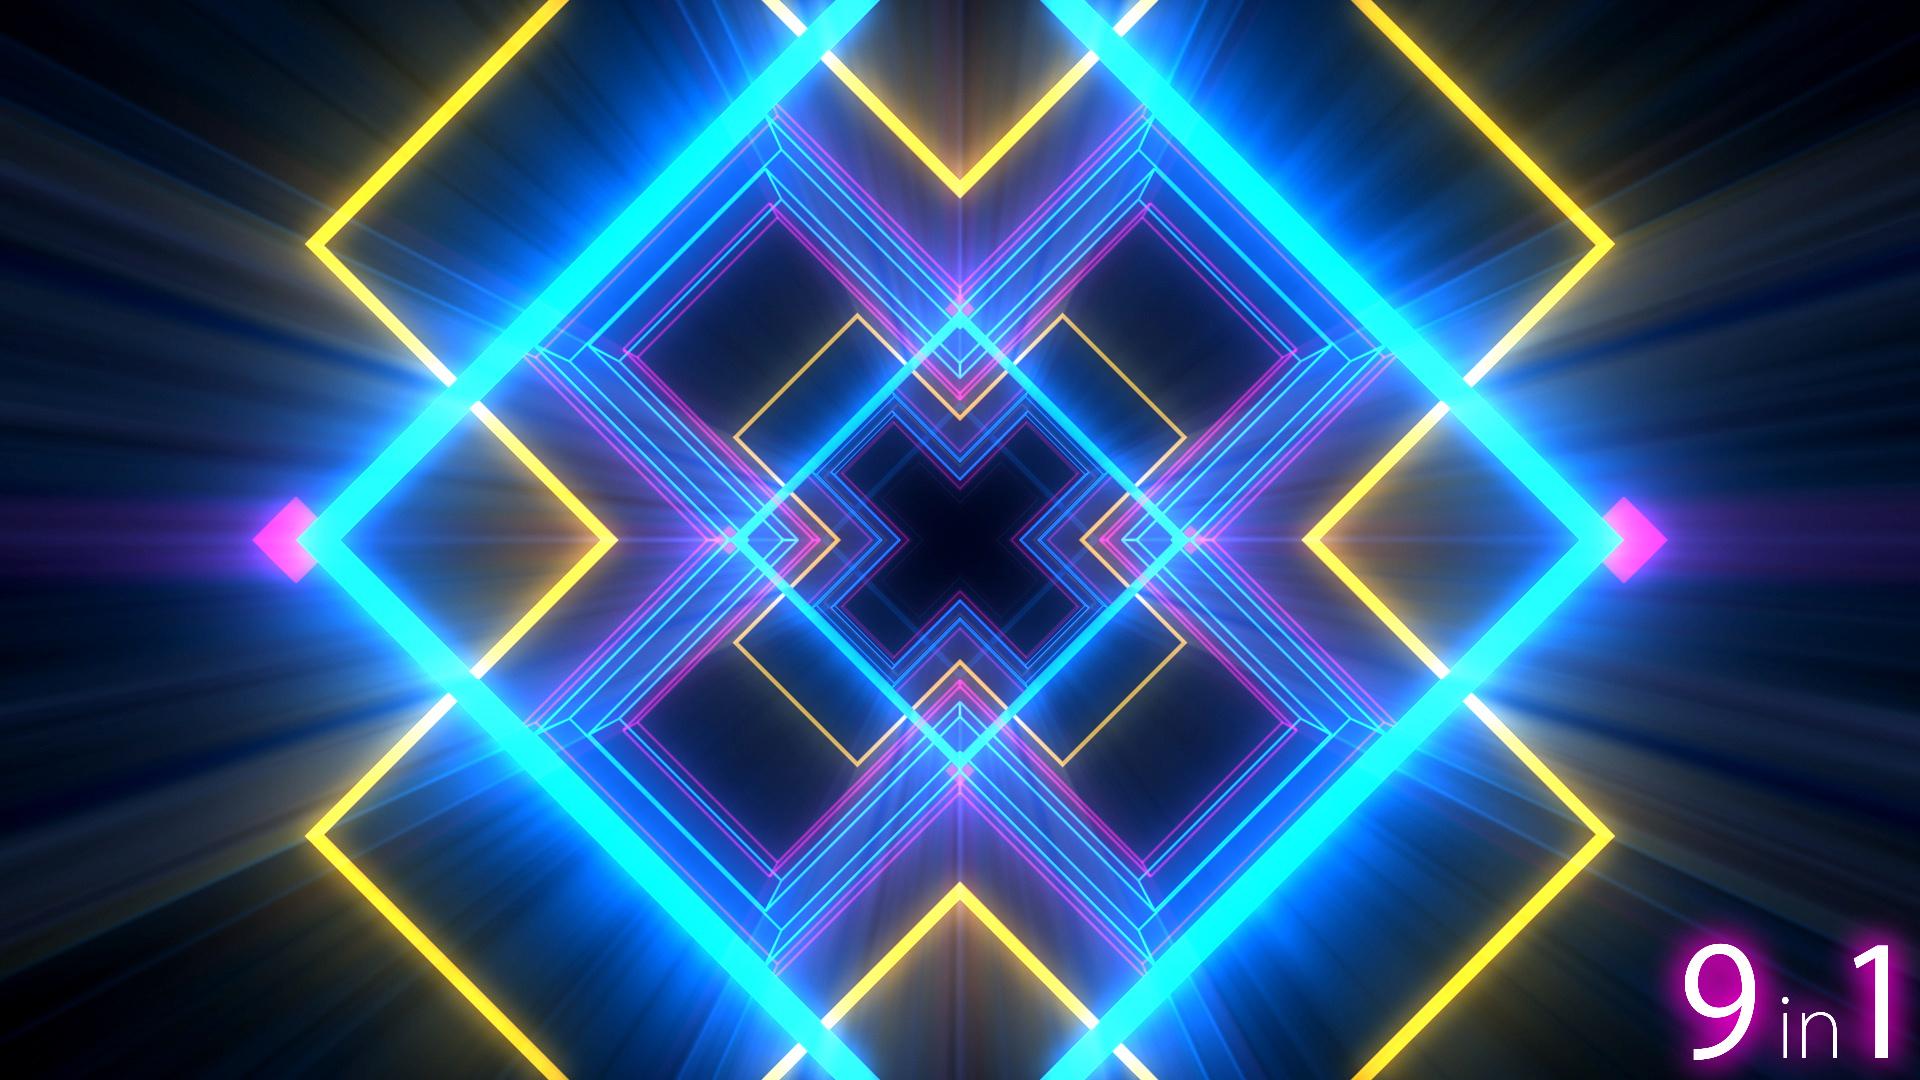 vj light lights tunnel